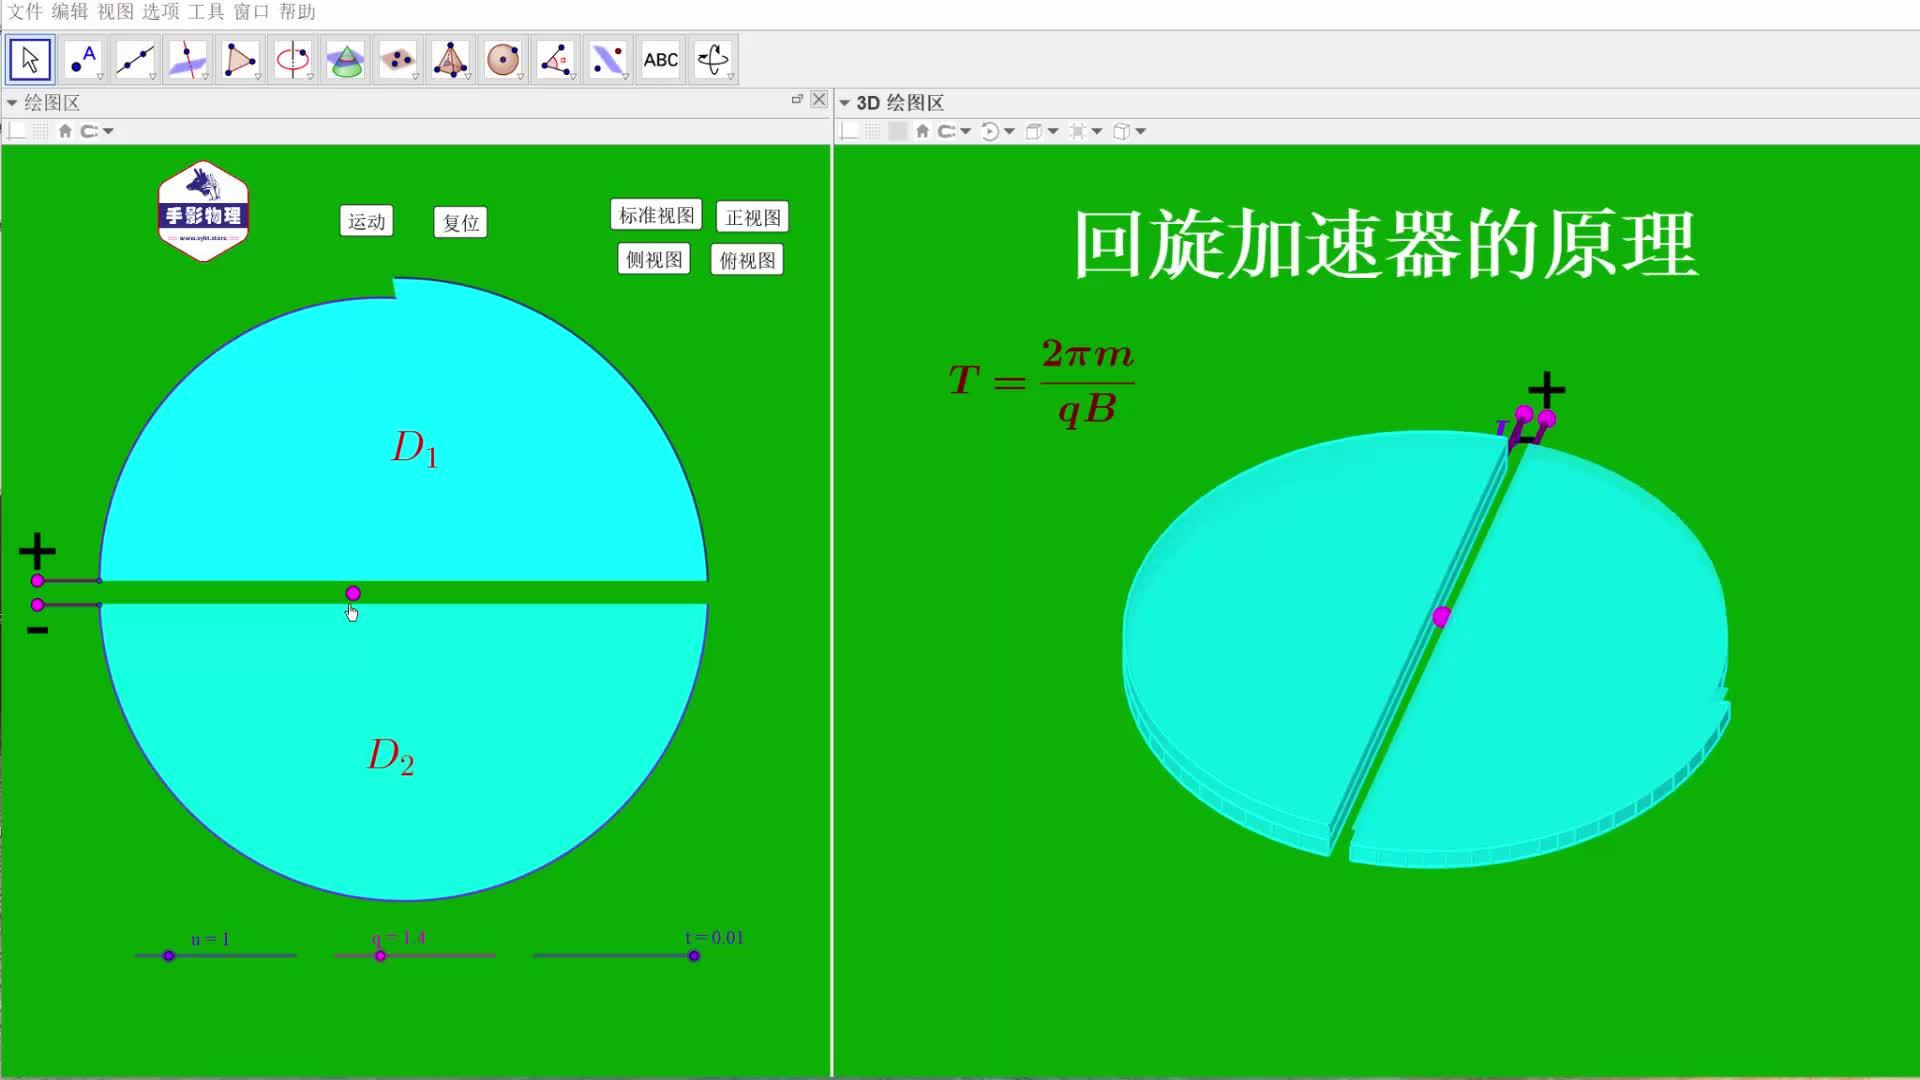 1.4质谱仪与回旋加速器—回旋加速器的原理(课件视频资源)-【手影物理】2021版高中物理选修第二册(人教版)